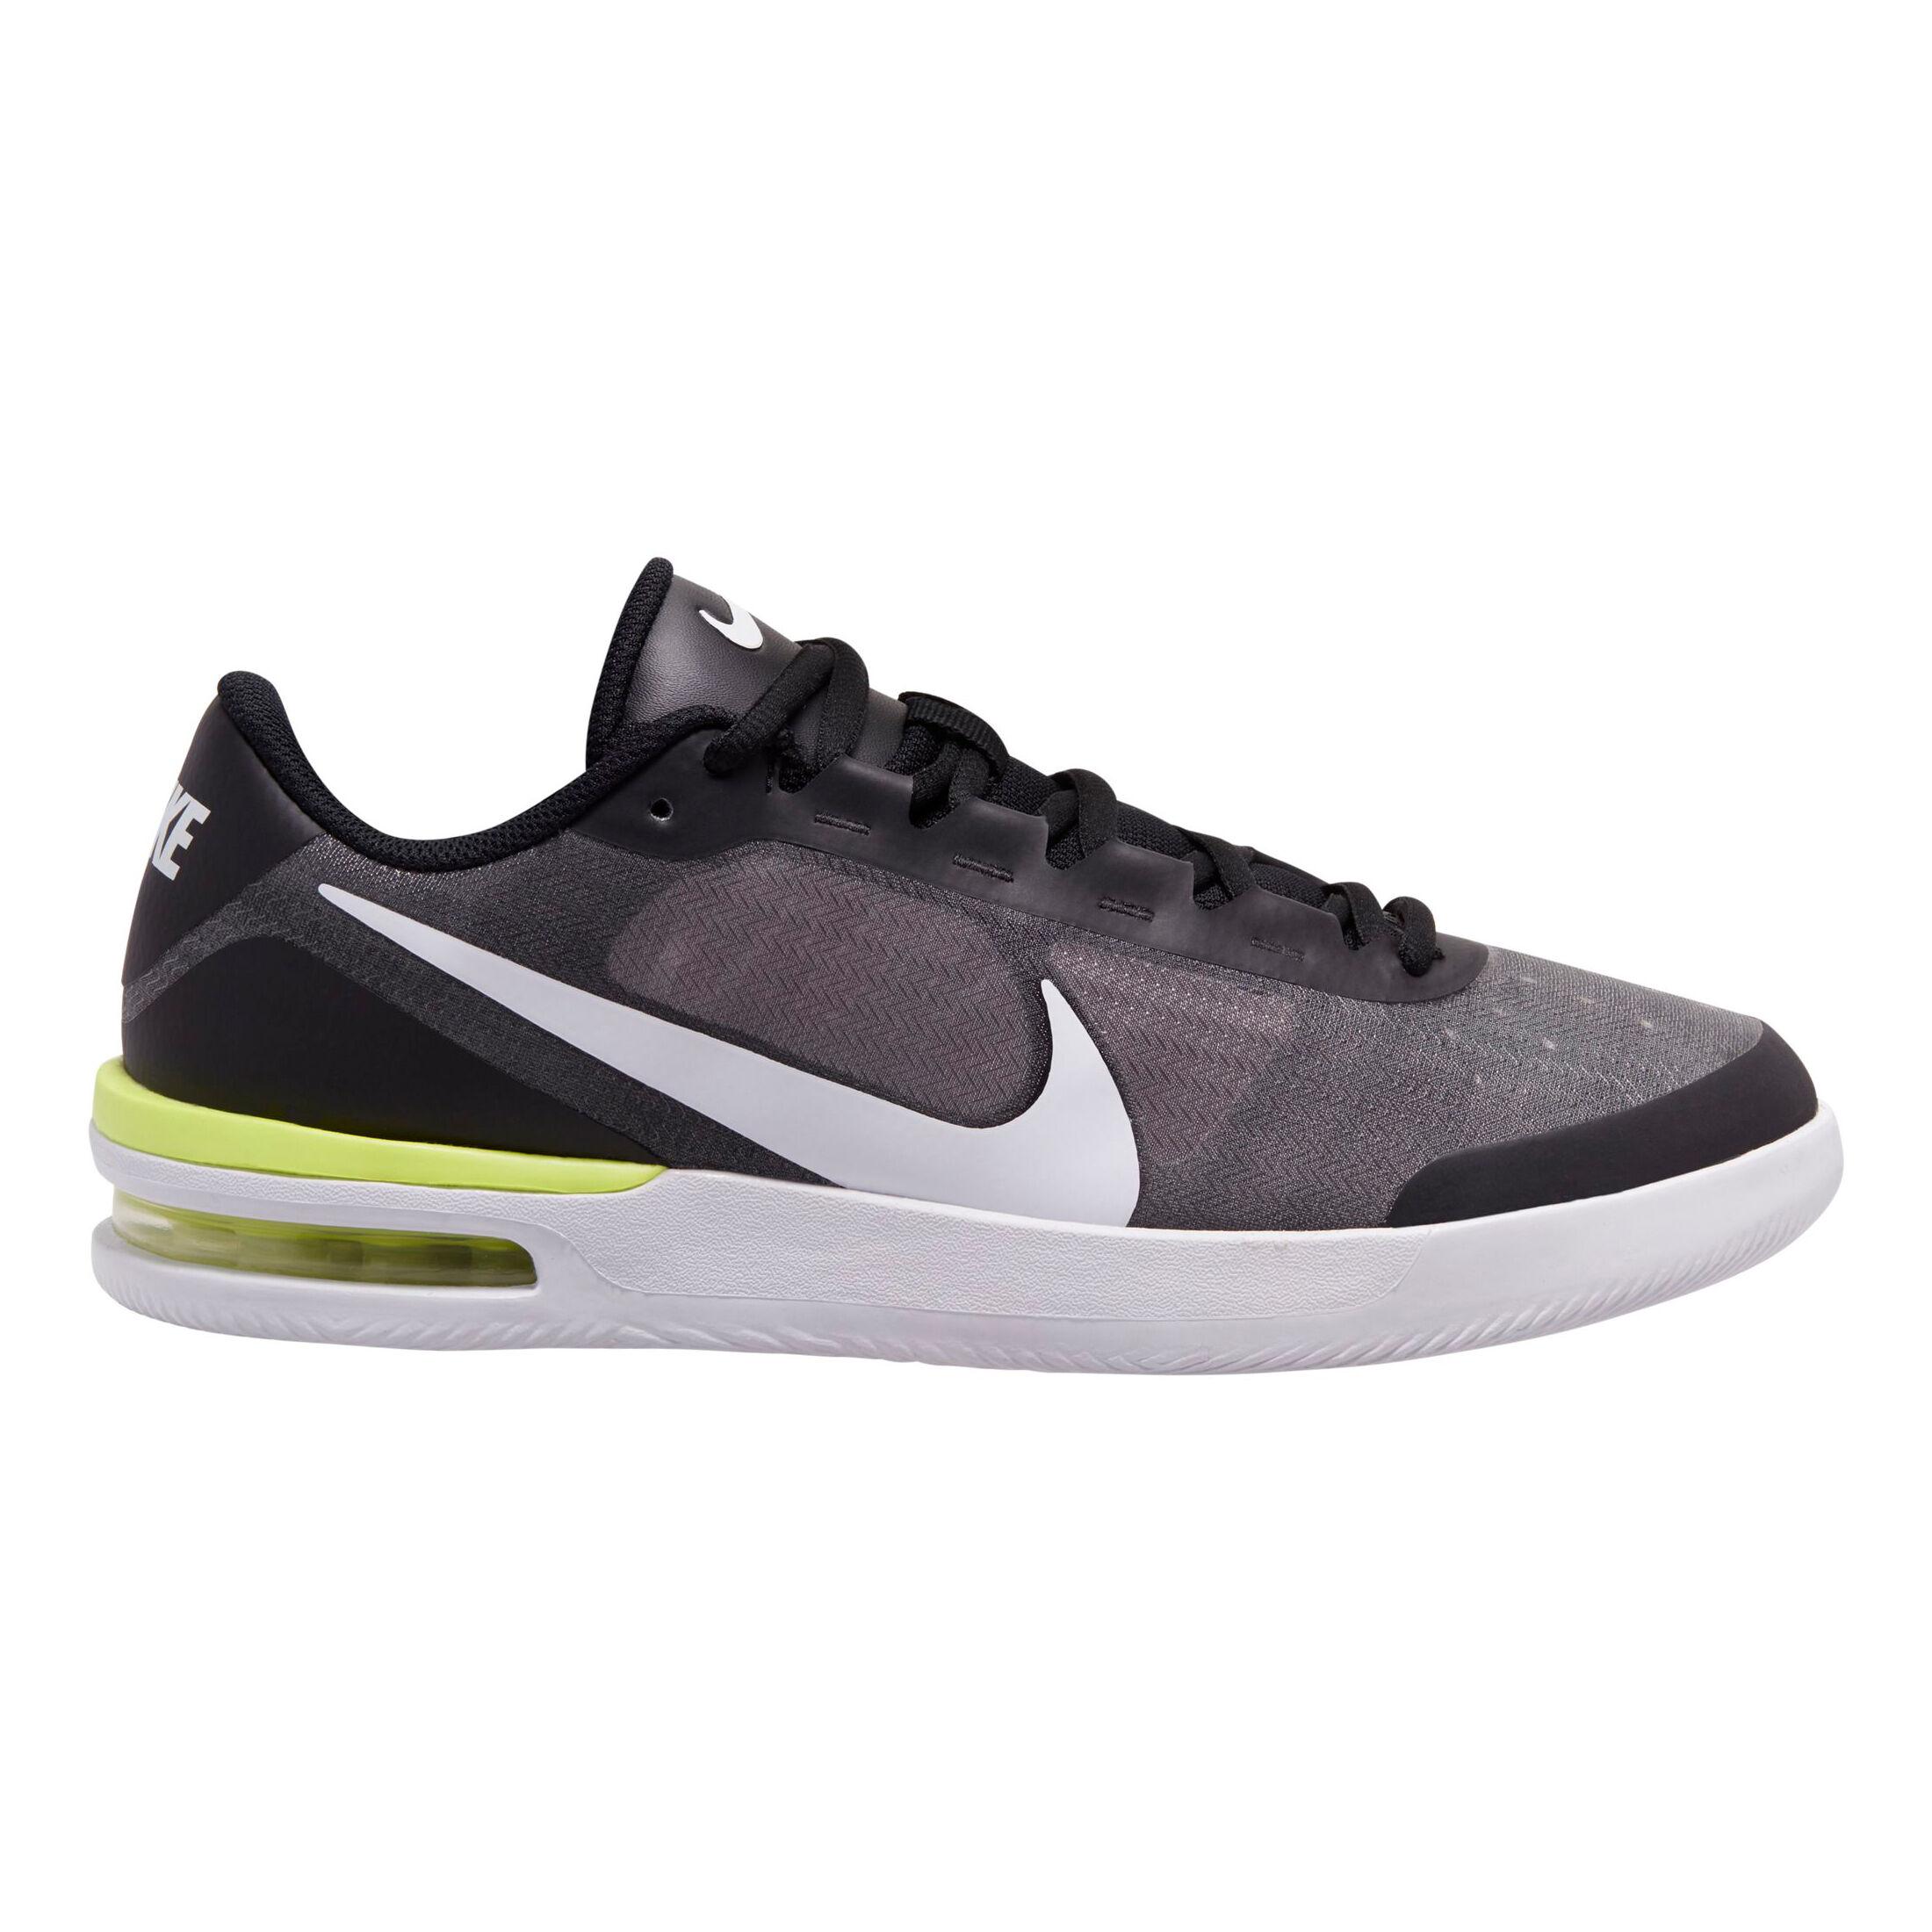 Nike Air Vapor Max Wing MS Zapatilla Todas Las Superficies Hombres Negro, Blanco